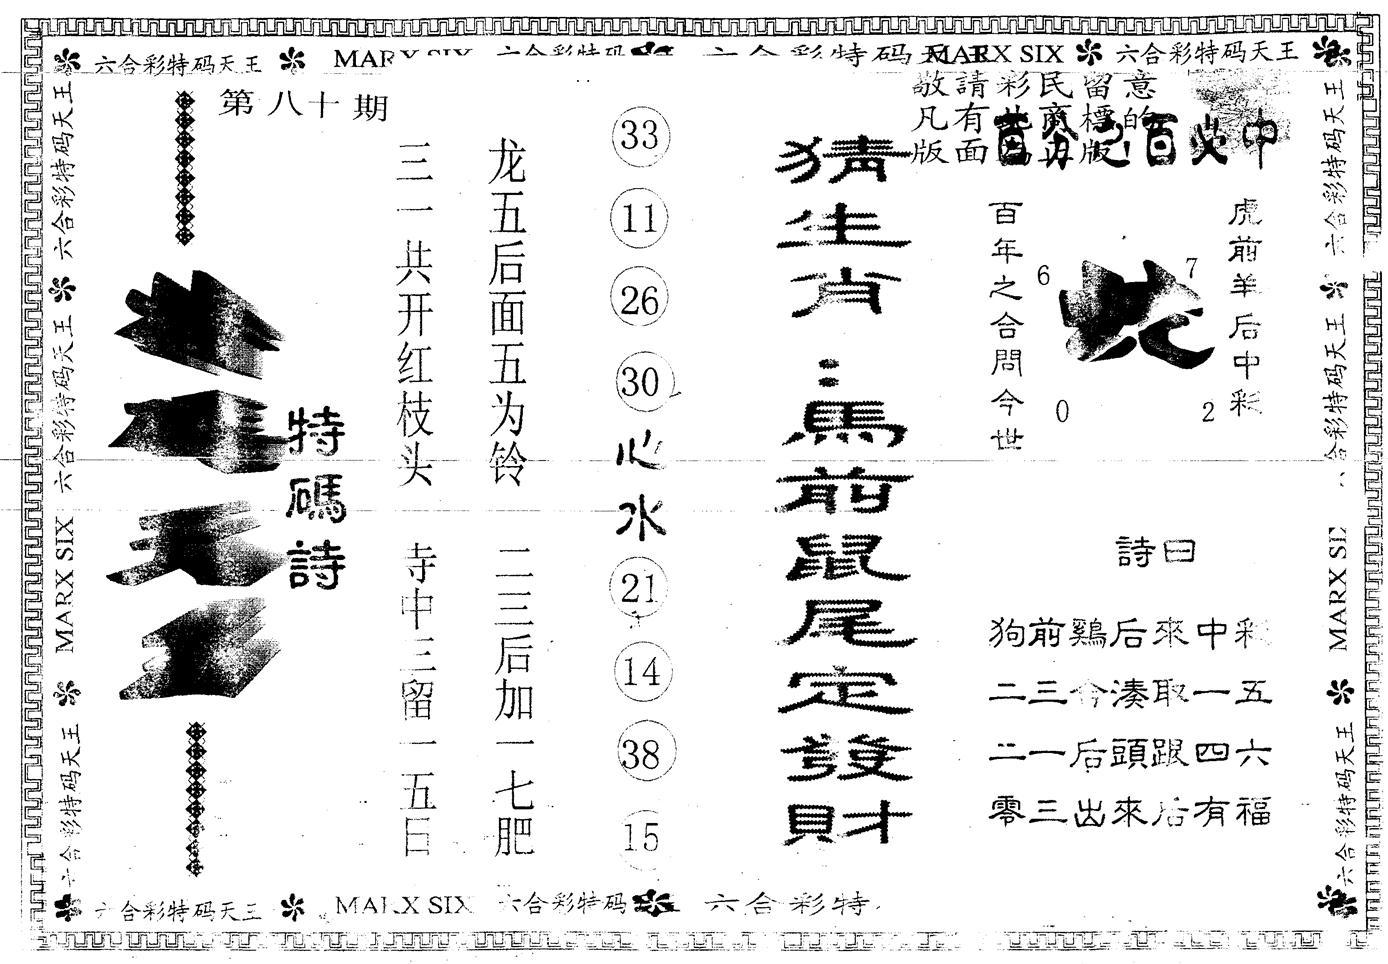 080期另版特码天王(黑白)